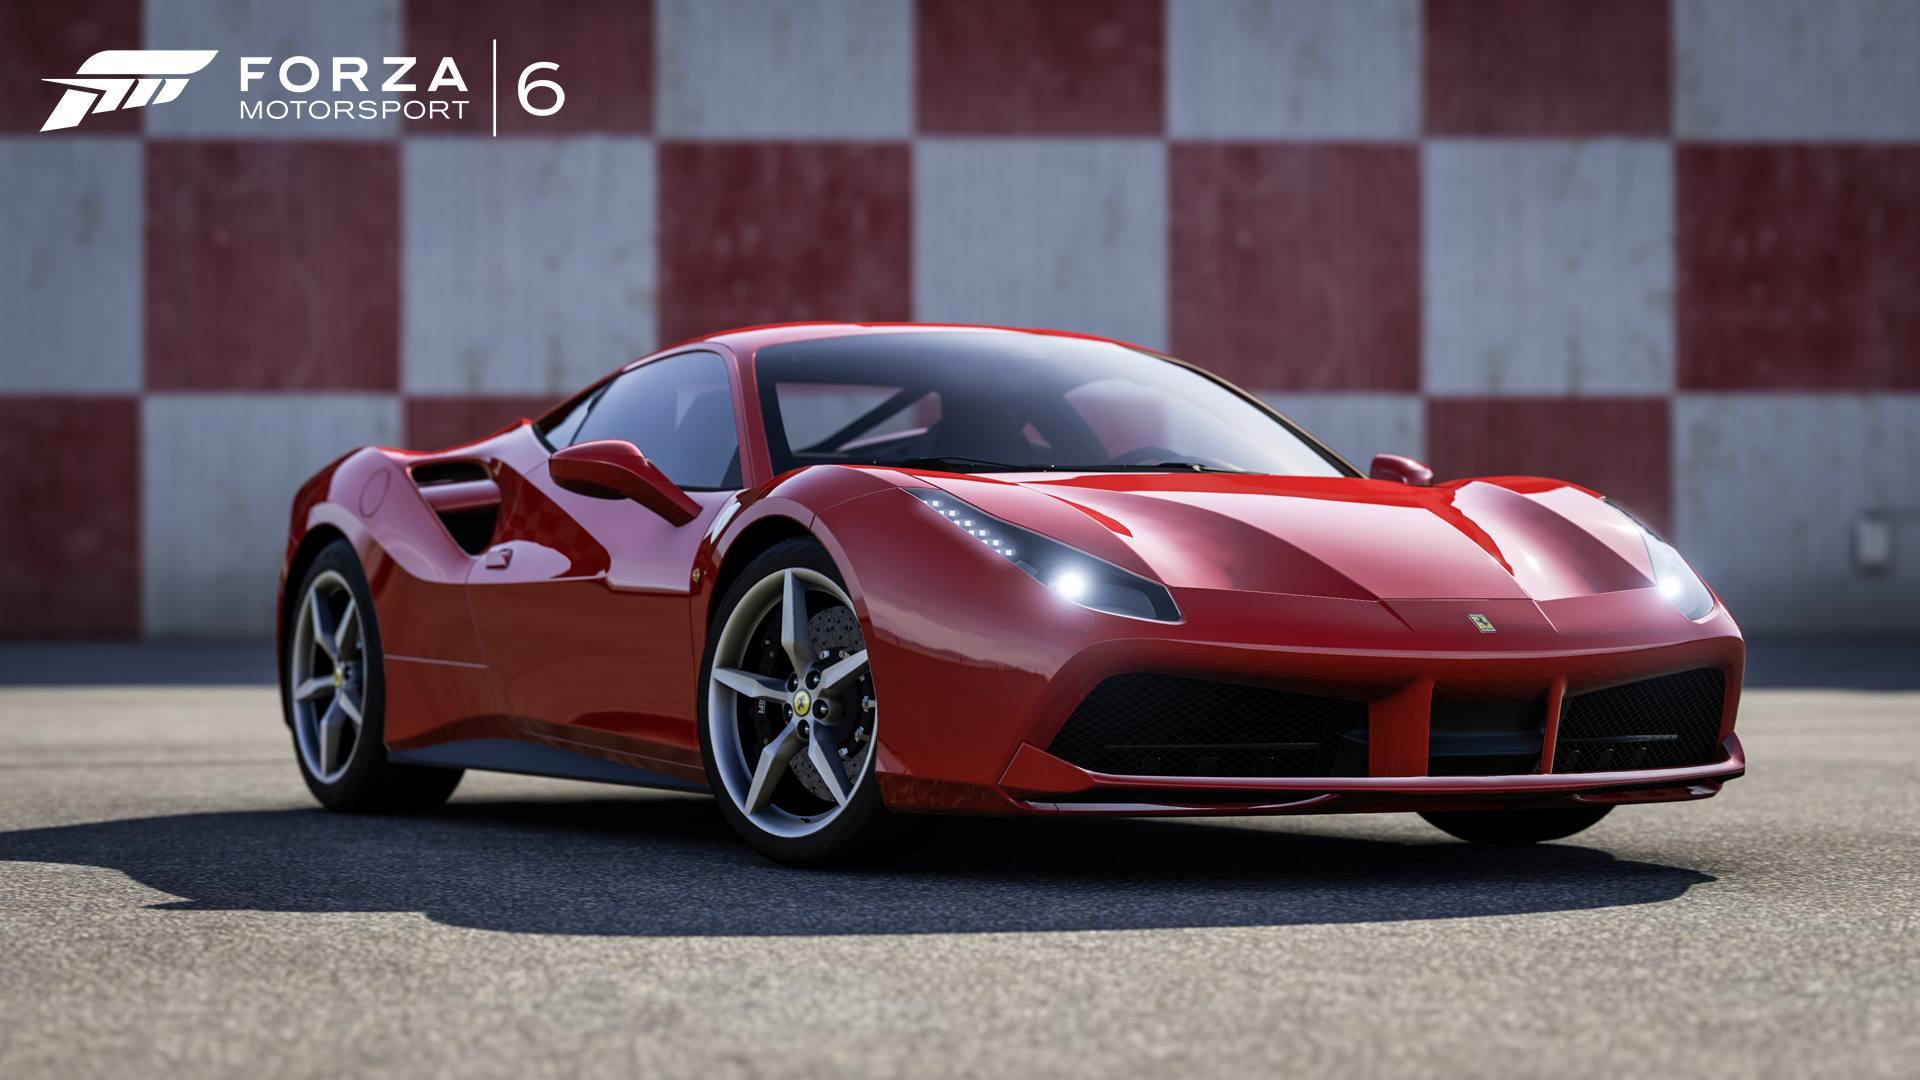 Forza Motorsport 6 14-03-16 2015 Ferrari 488 GTB 001